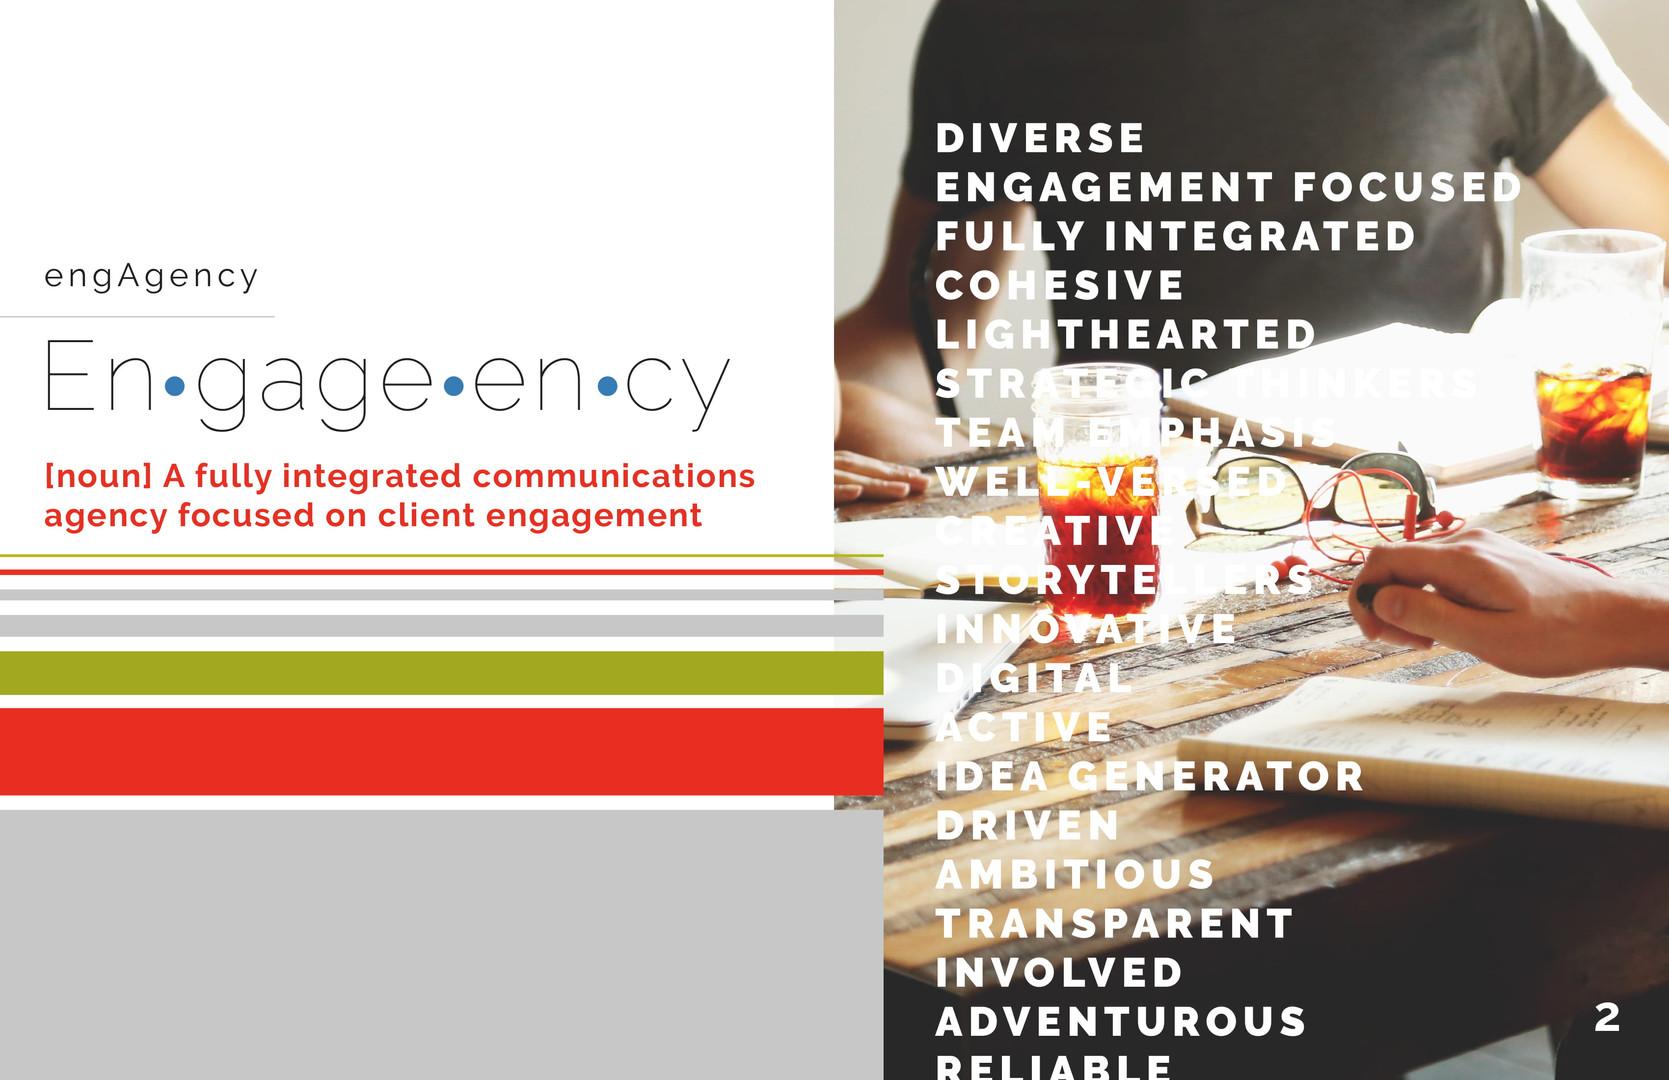 engagency-rfp-3.jpg